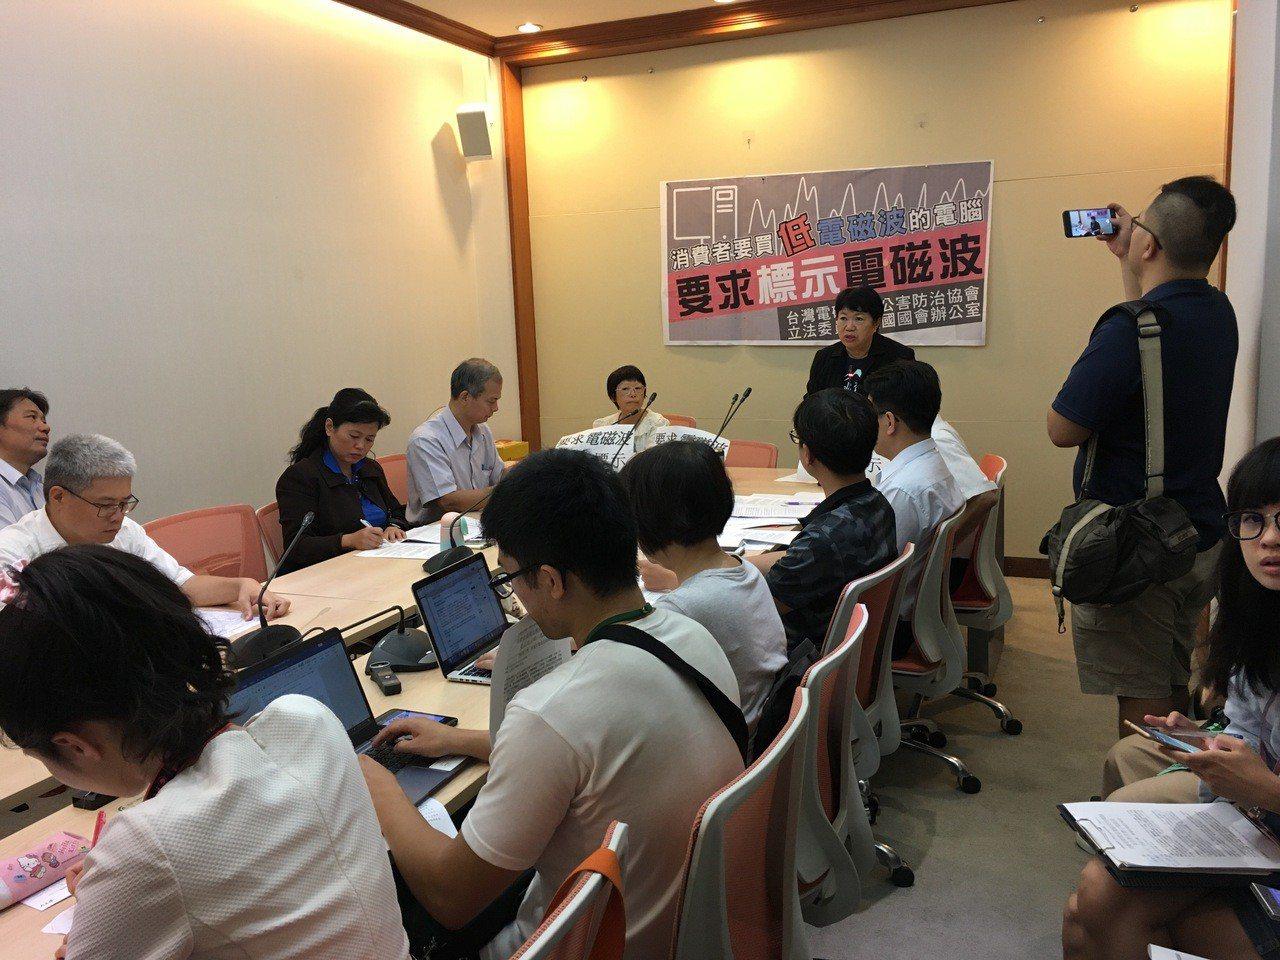 民進黨立委劉建國、台灣電磁輻射公害防治協會今天共同舉辦「消費者要買低電磁波的電腦...